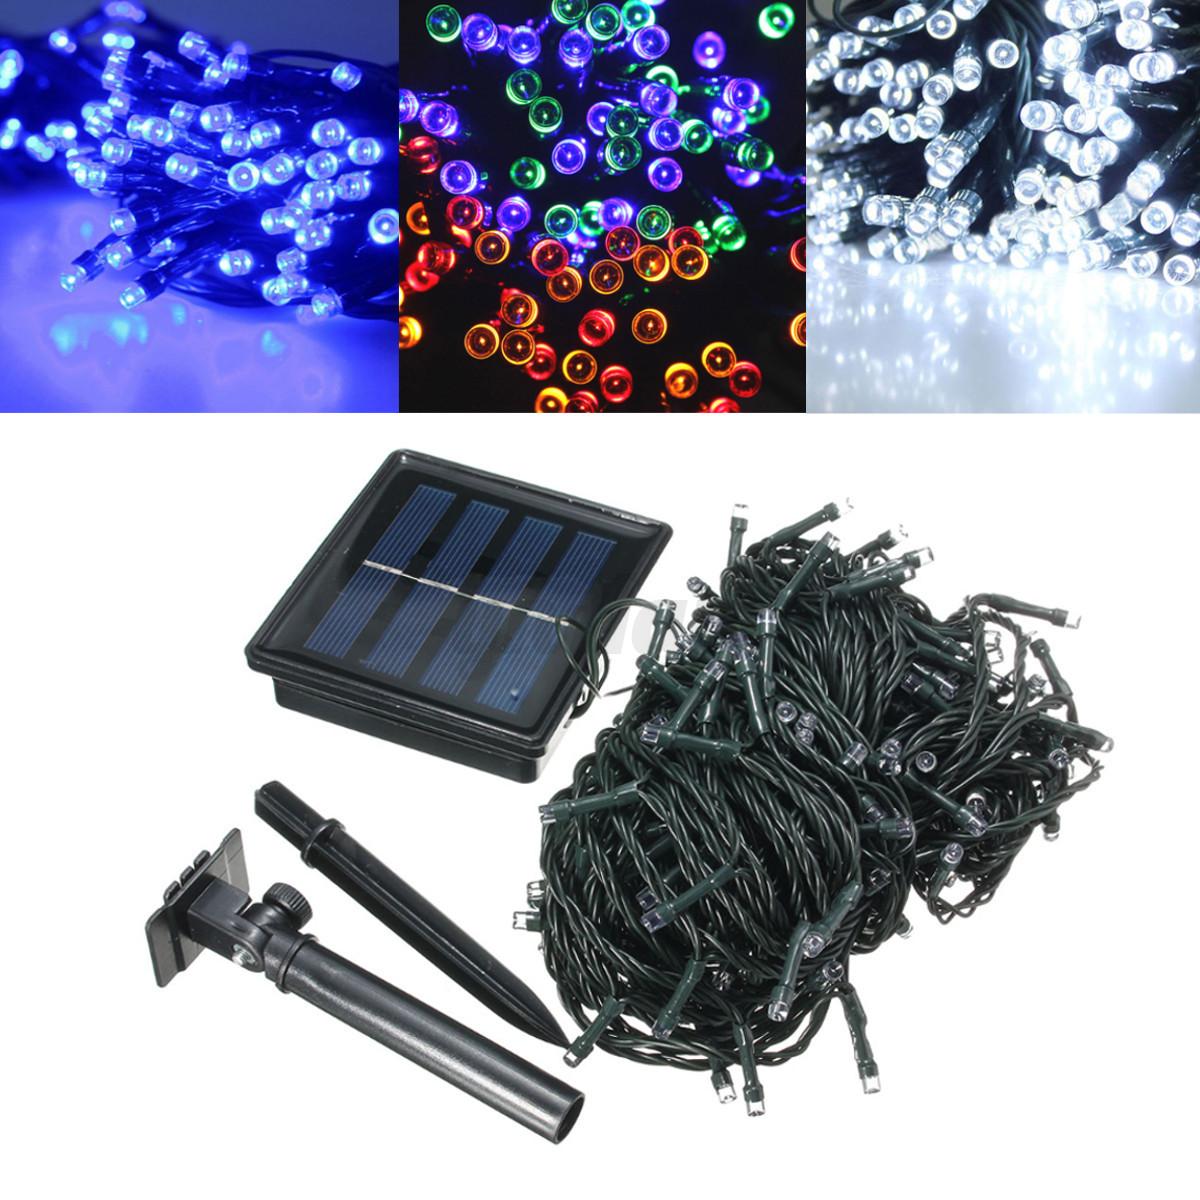 1 18m led lichterkette solar batterie weihnachten licht. Black Bedroom Furniture Sets. Home Design Ideas